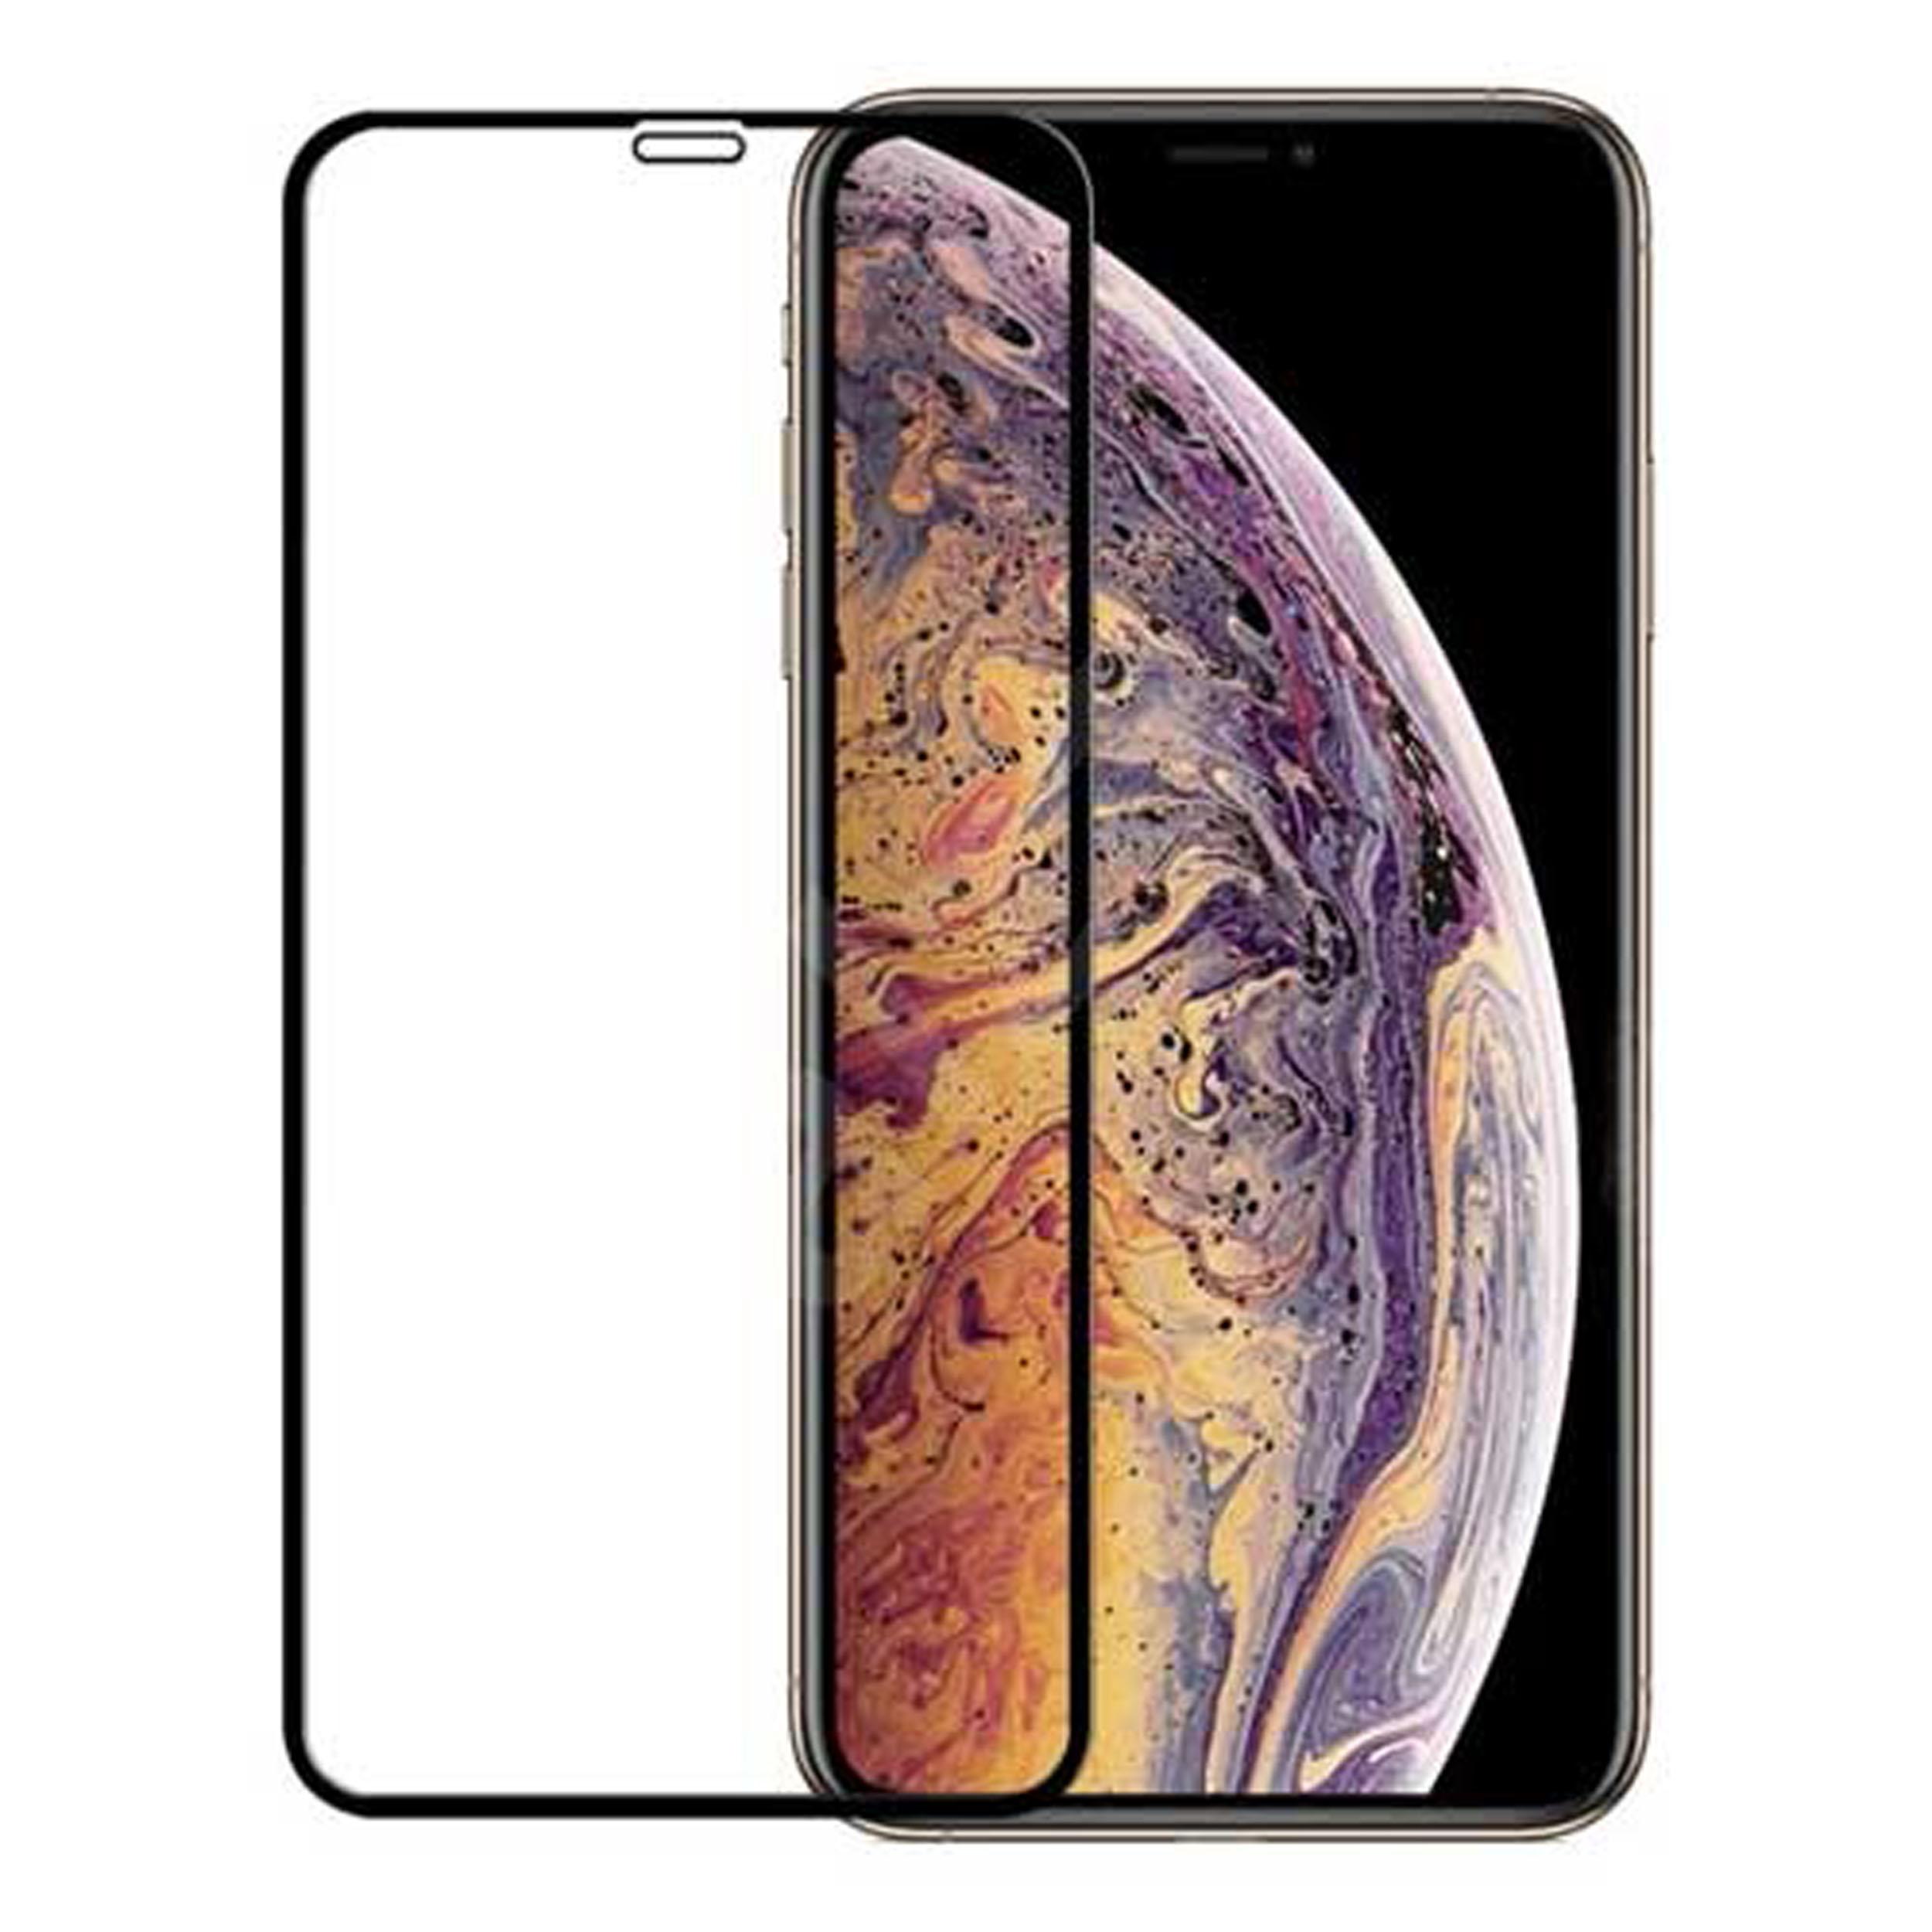 محافظ صفحه نمایش رمو مدل xs مناسب برای اپل iphone xs